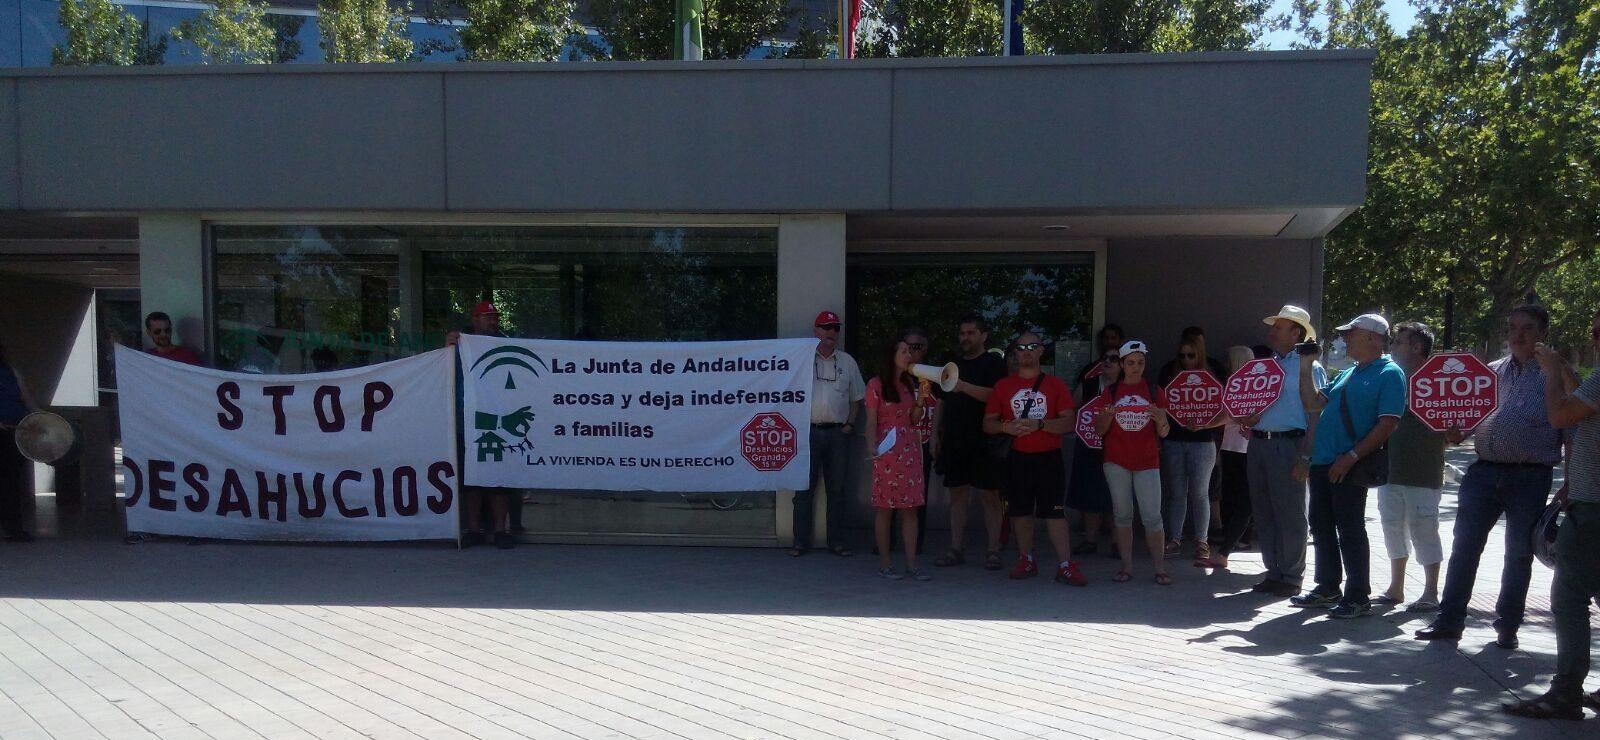 La junta de andaluc a desahucia pararemos el desahucio - Pisos de la junta de andalucia ...